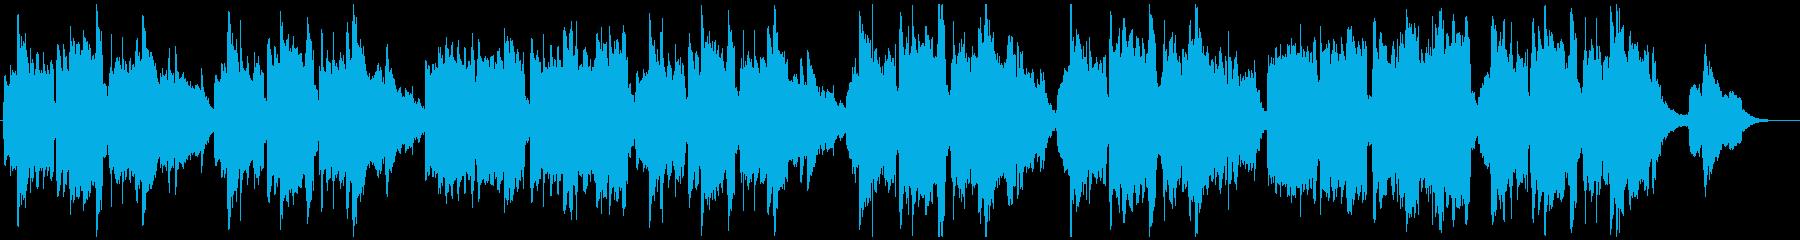 サリーガーデン ティンホイッスルの再生済みの波形